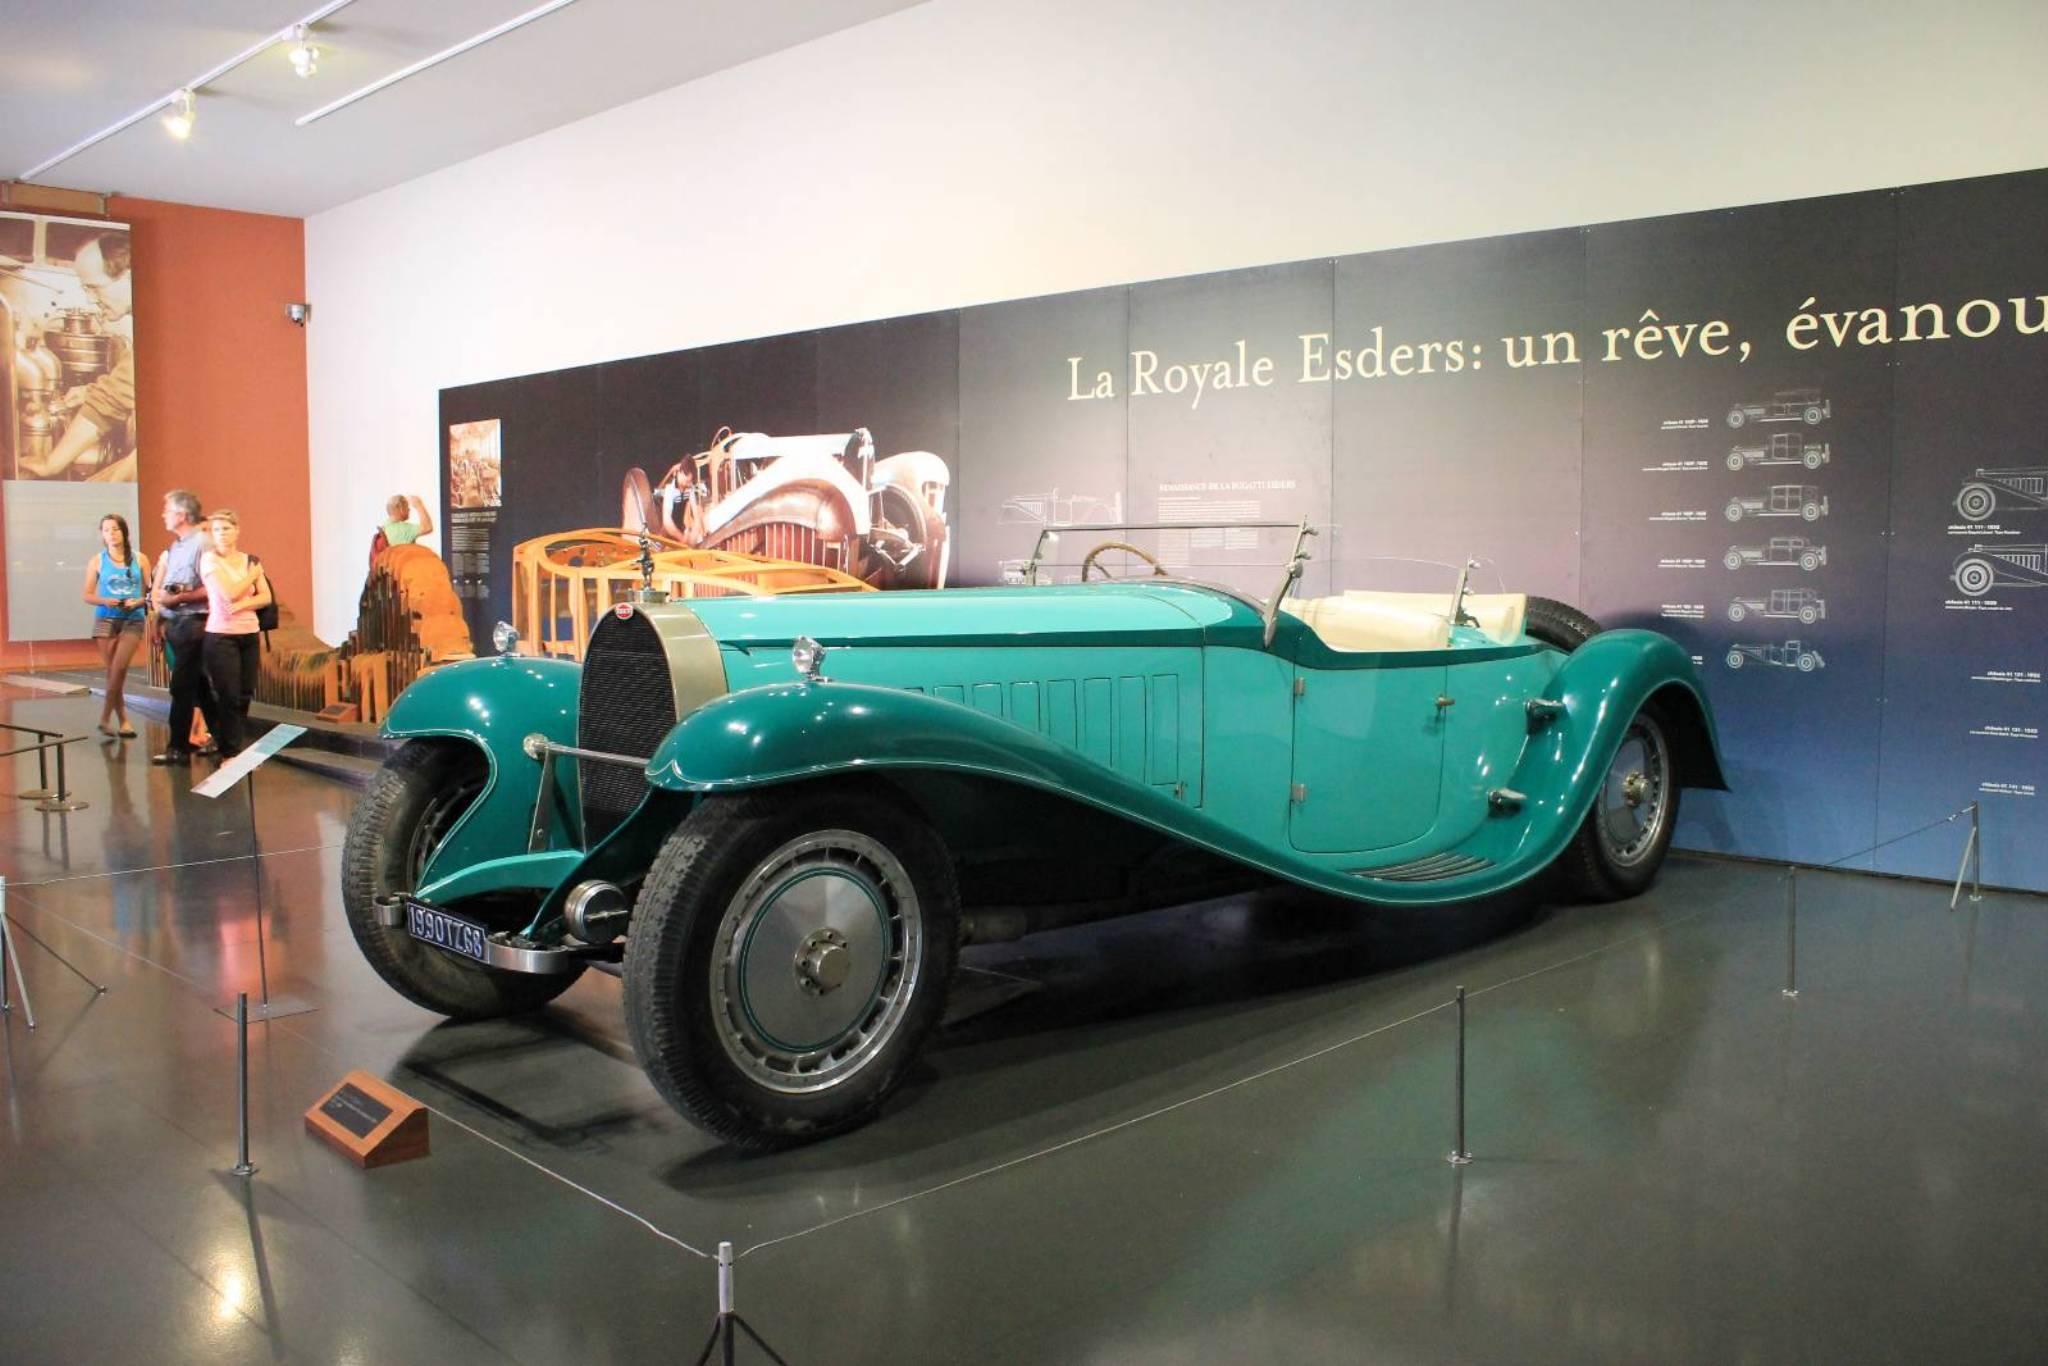 1927 Bugatti Royale Esders Cabriolet